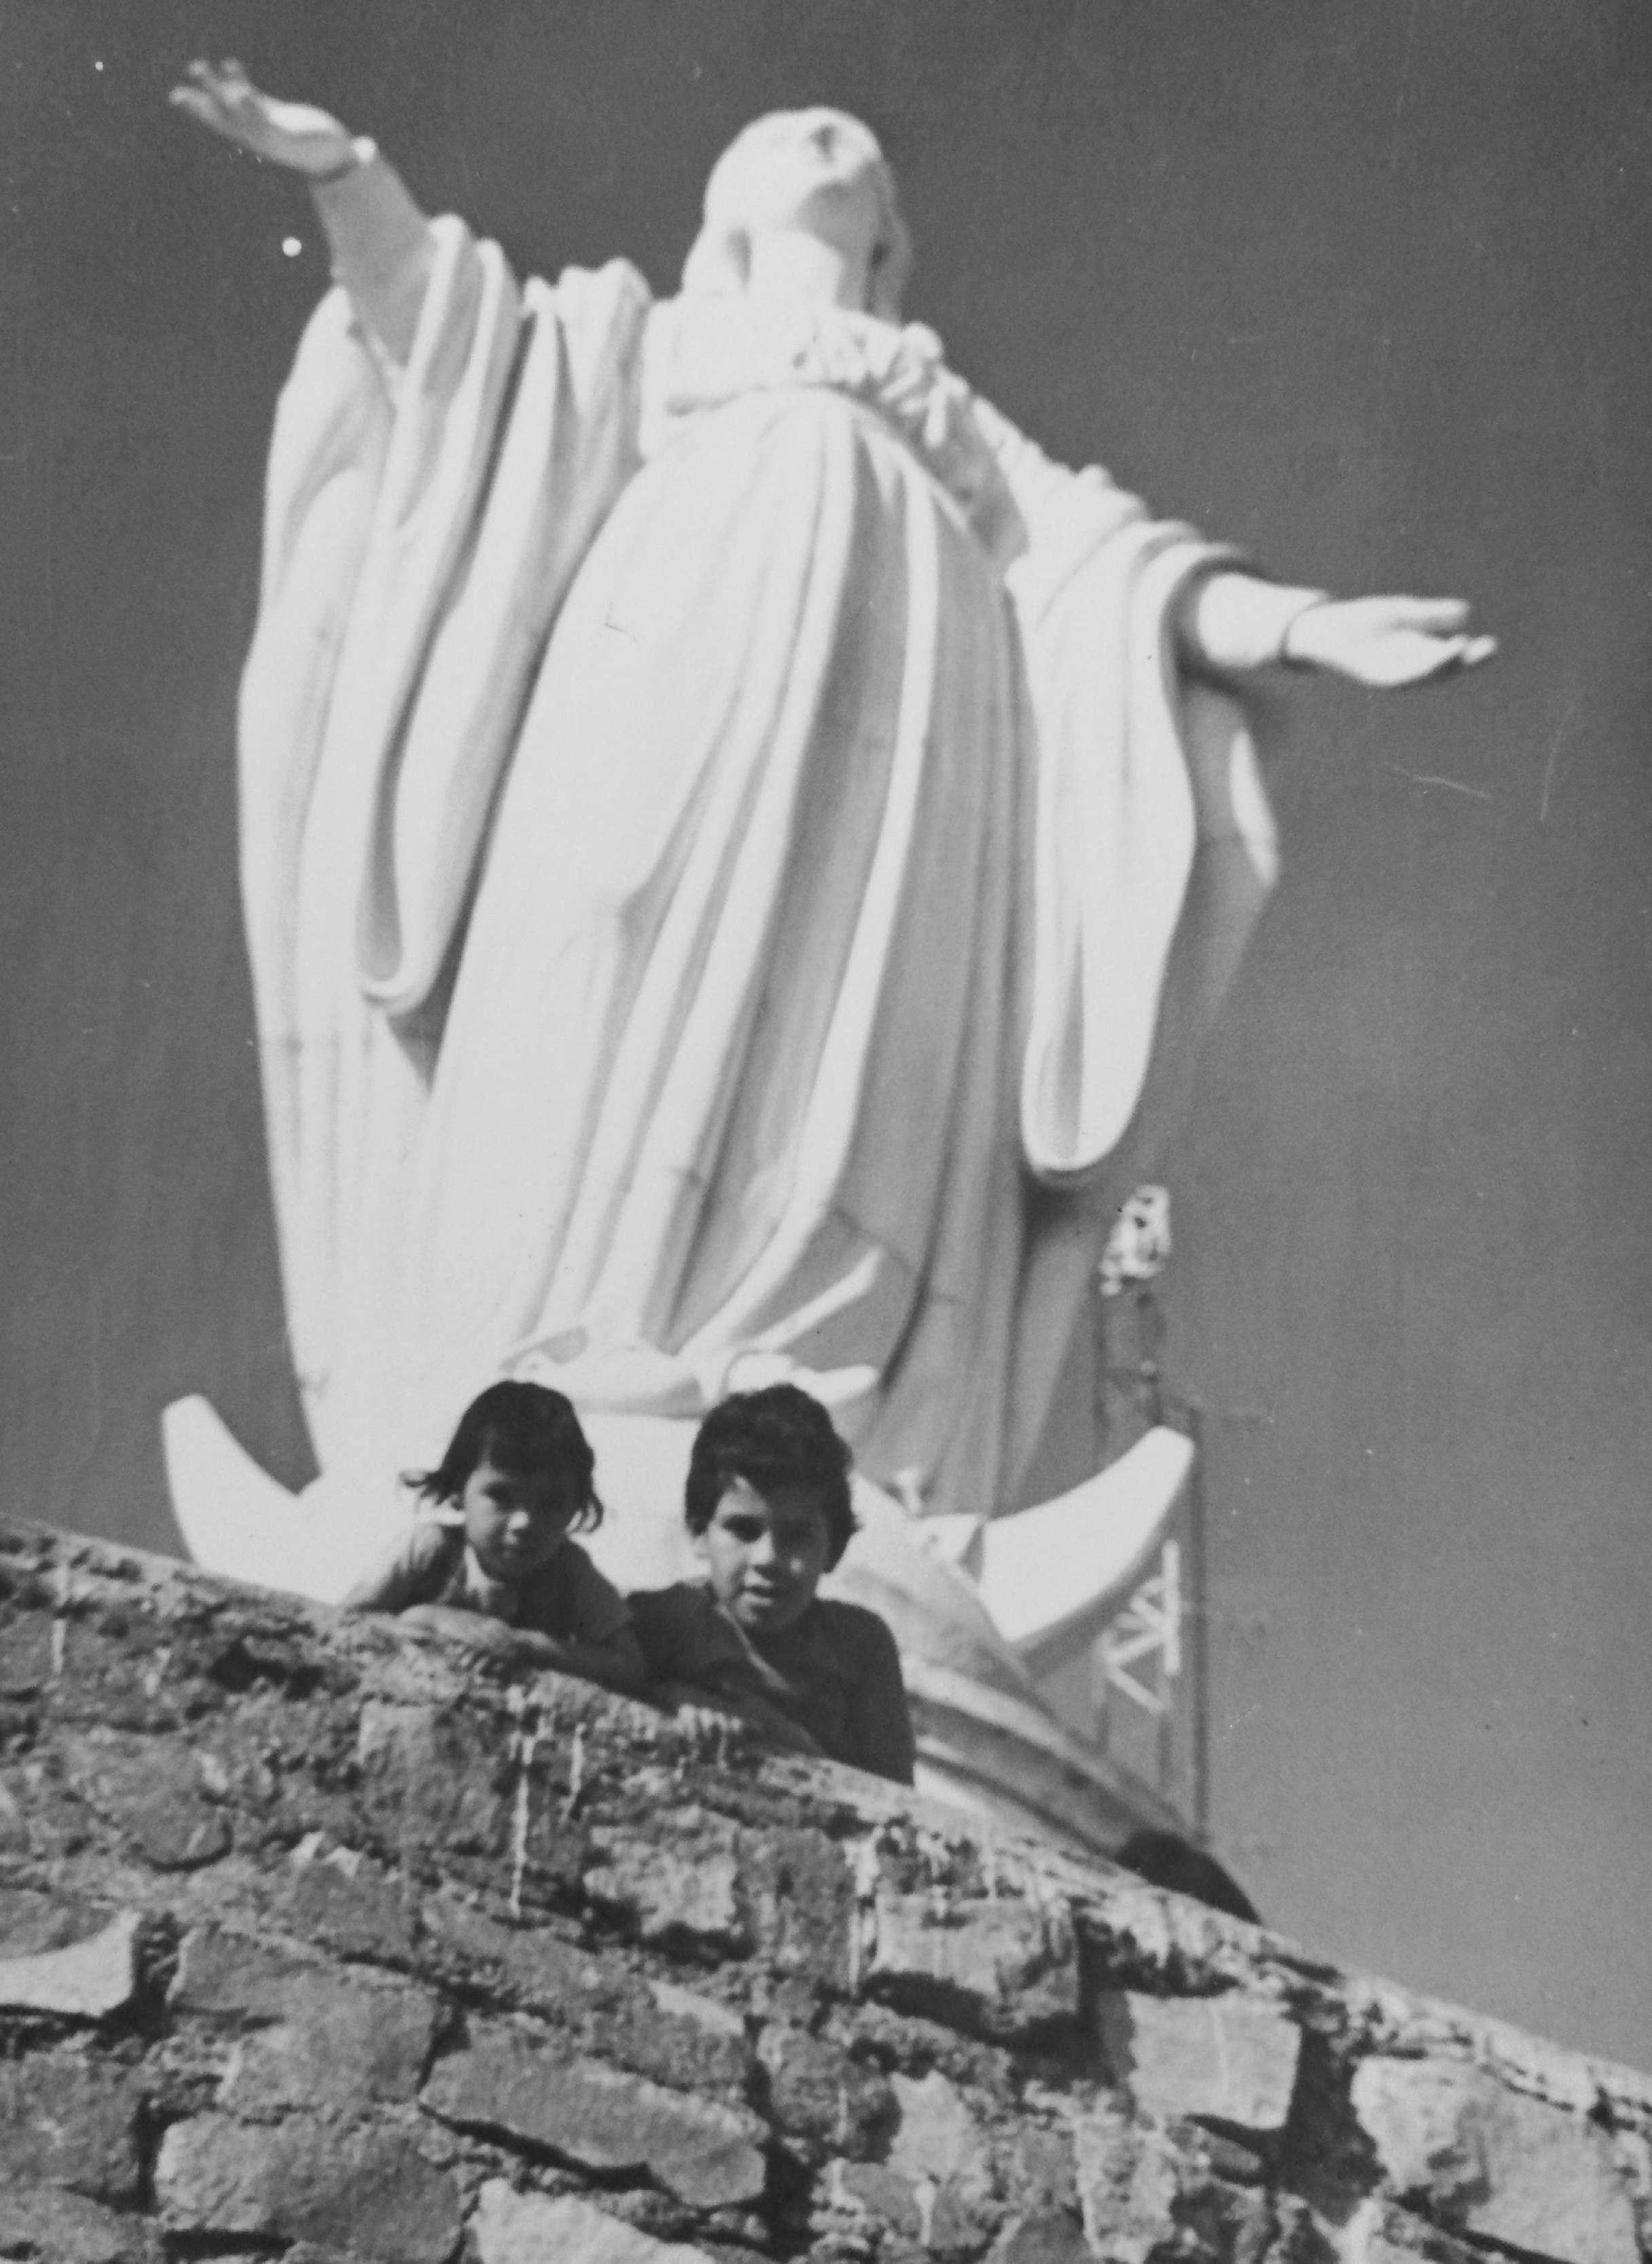 Enterreno - Fotos históricas de chile - fotos antiguas de Chile - Virgen del Cerro San Cristóbal en 1984